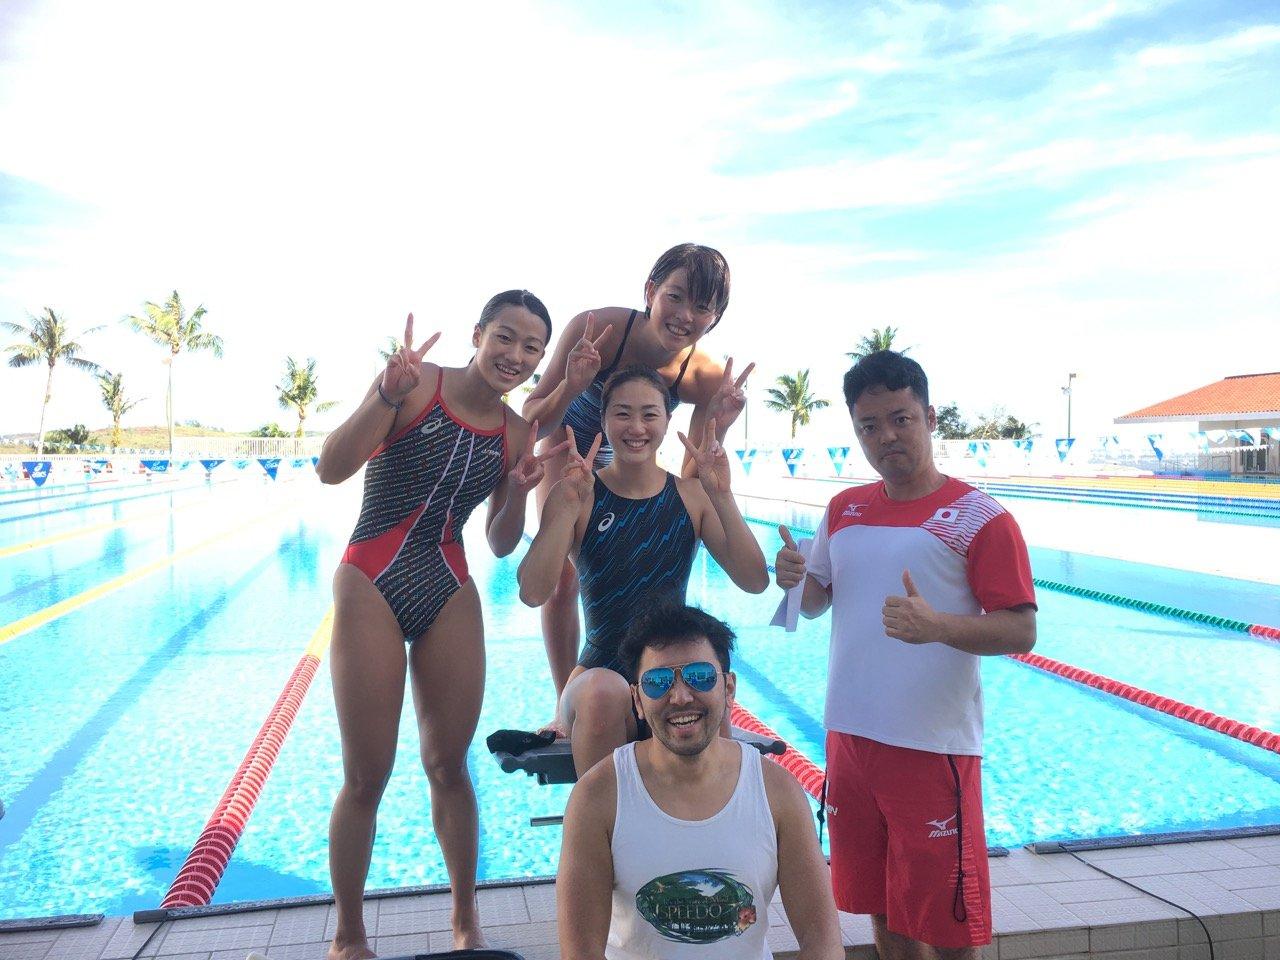 水泳部の競泳水着女子の画像 [無断転載禁止]©bbspink.comYouTube動画>4本 ->画像>291枚